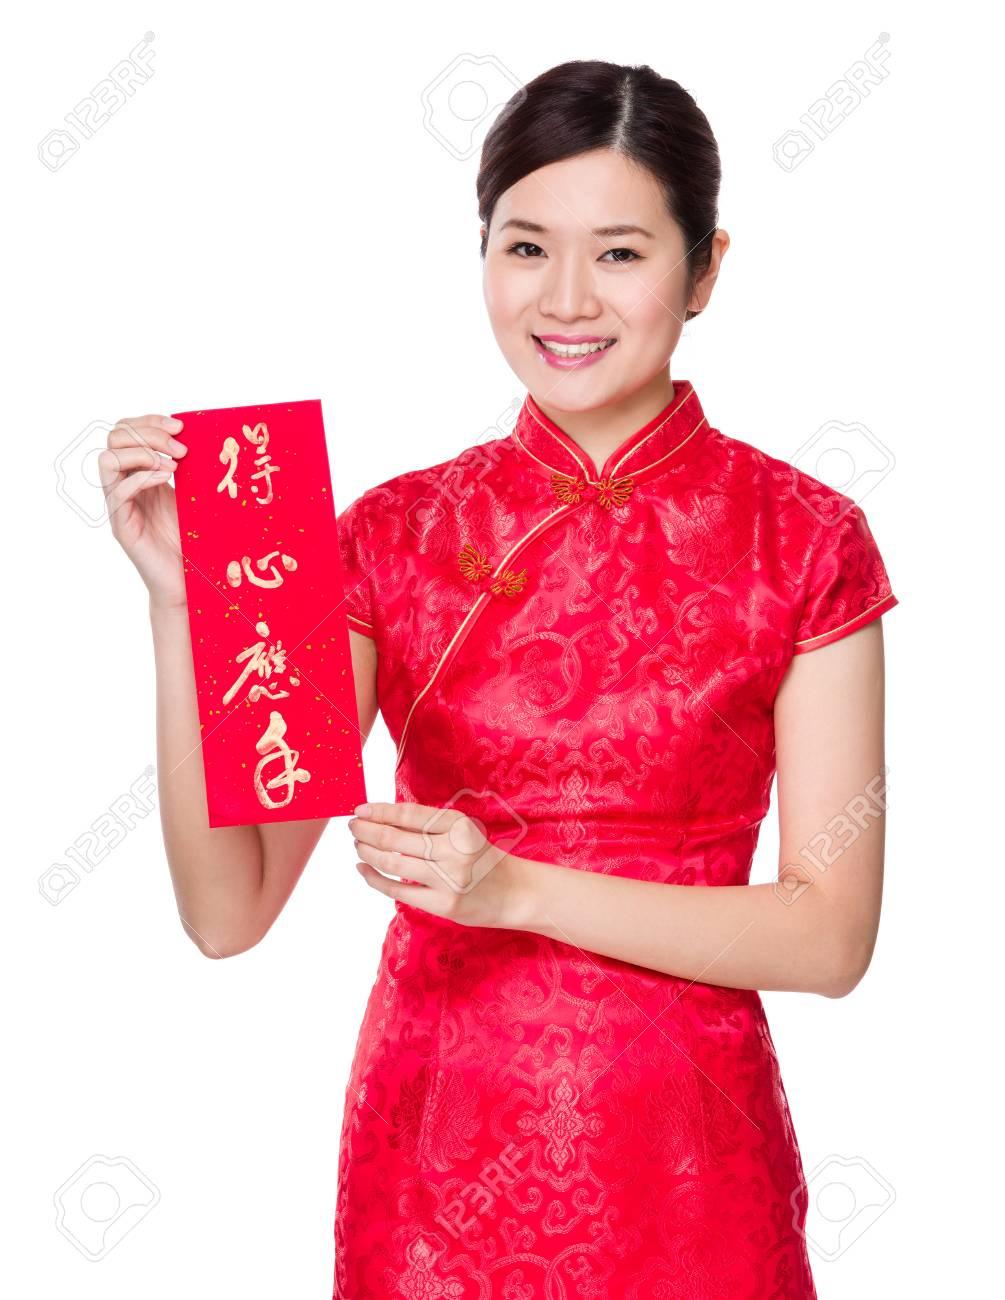 Asimiento De La Mujer La Caligrafía China Frase Significado Es Todo